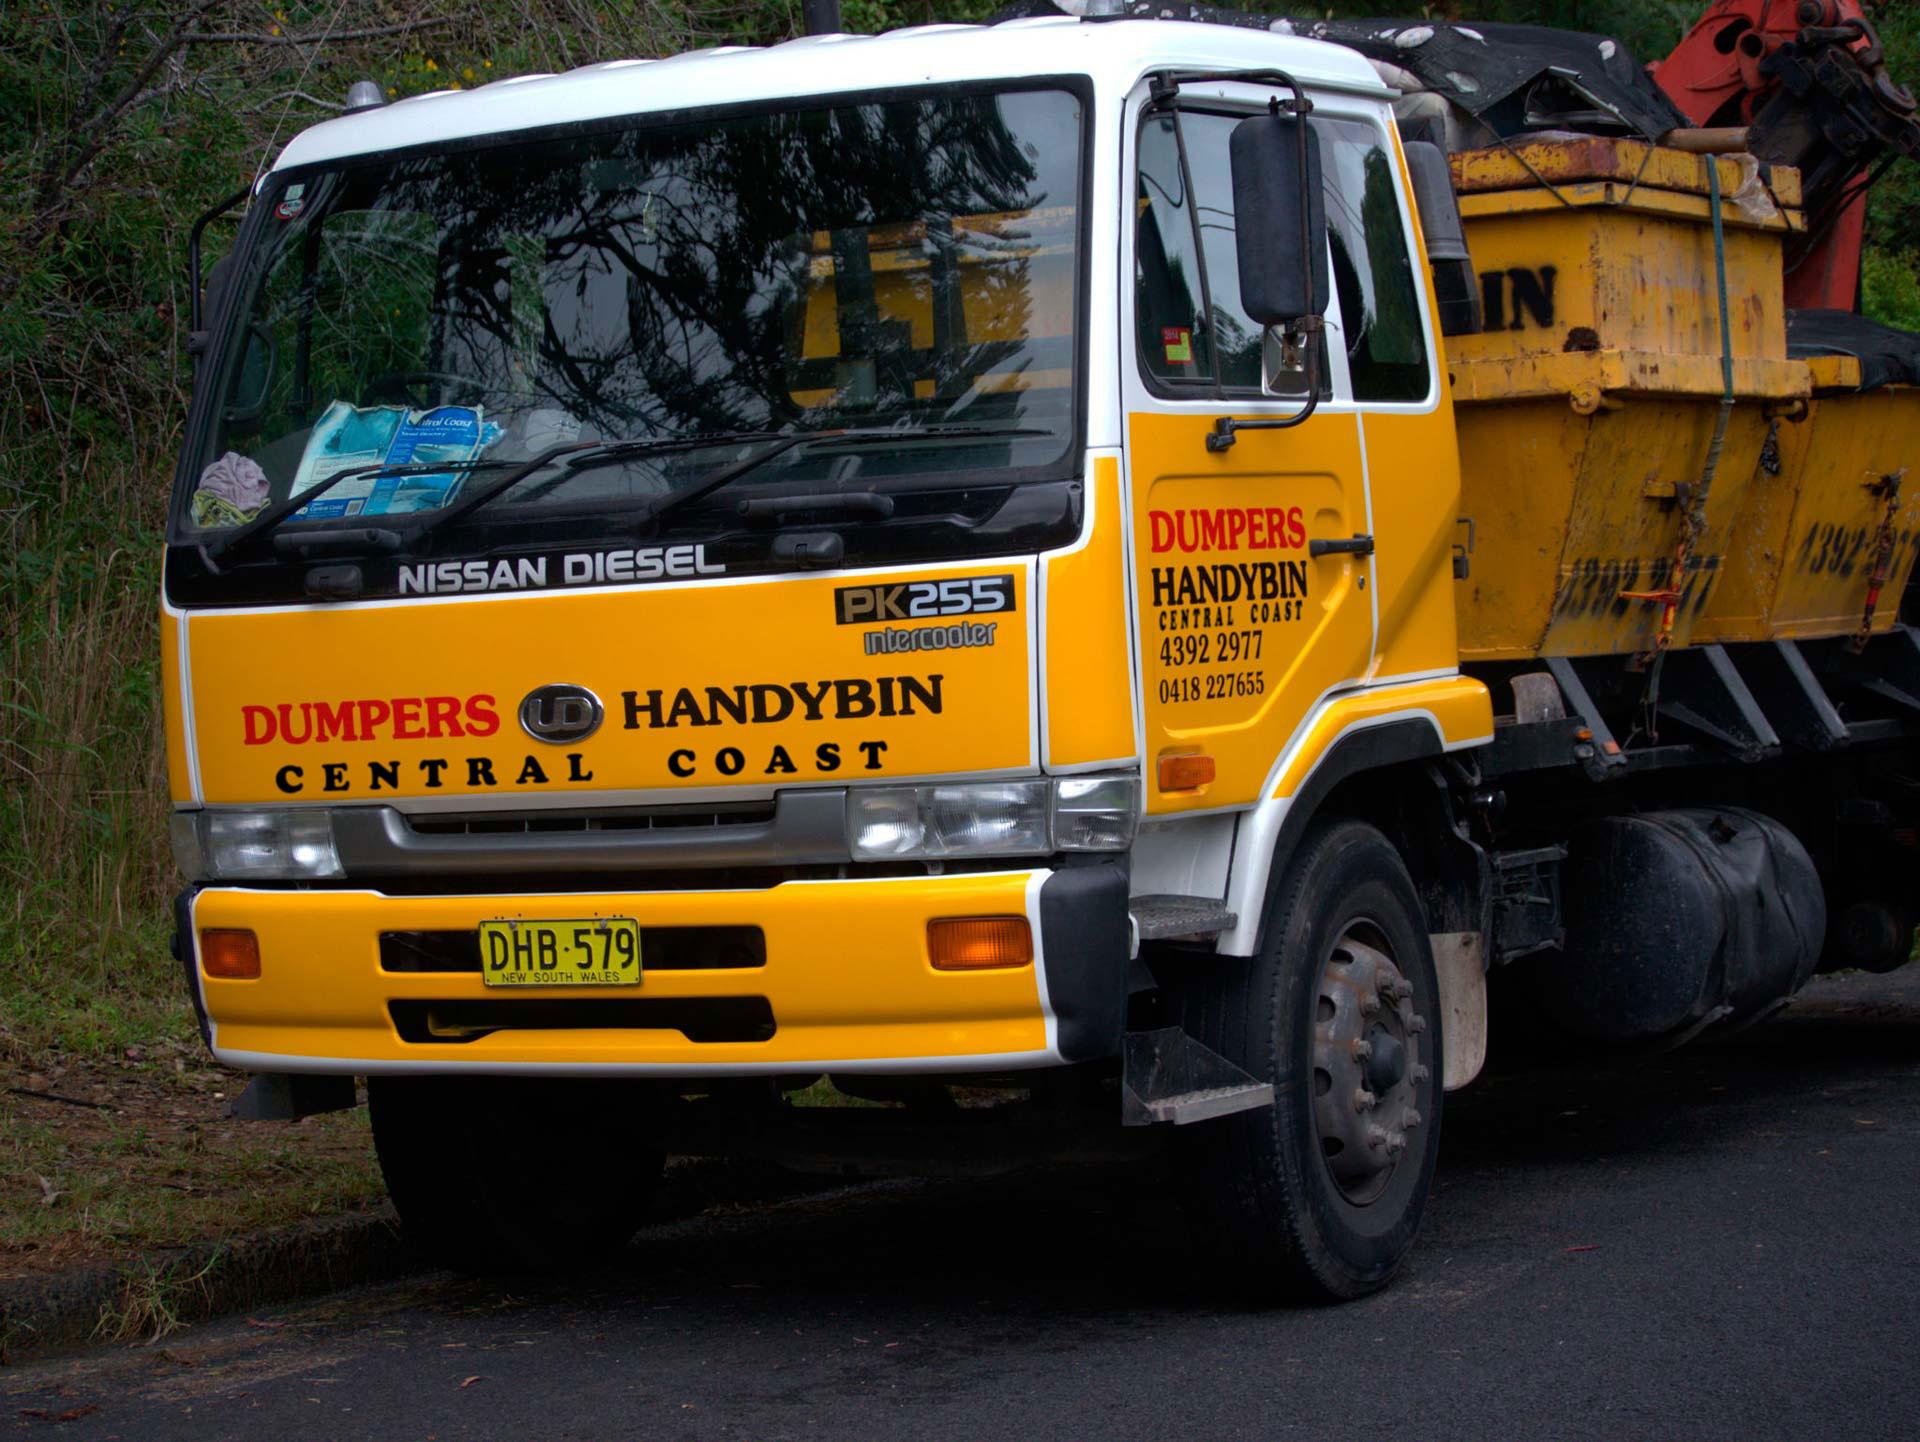 Dumpers Handybin Central Coast